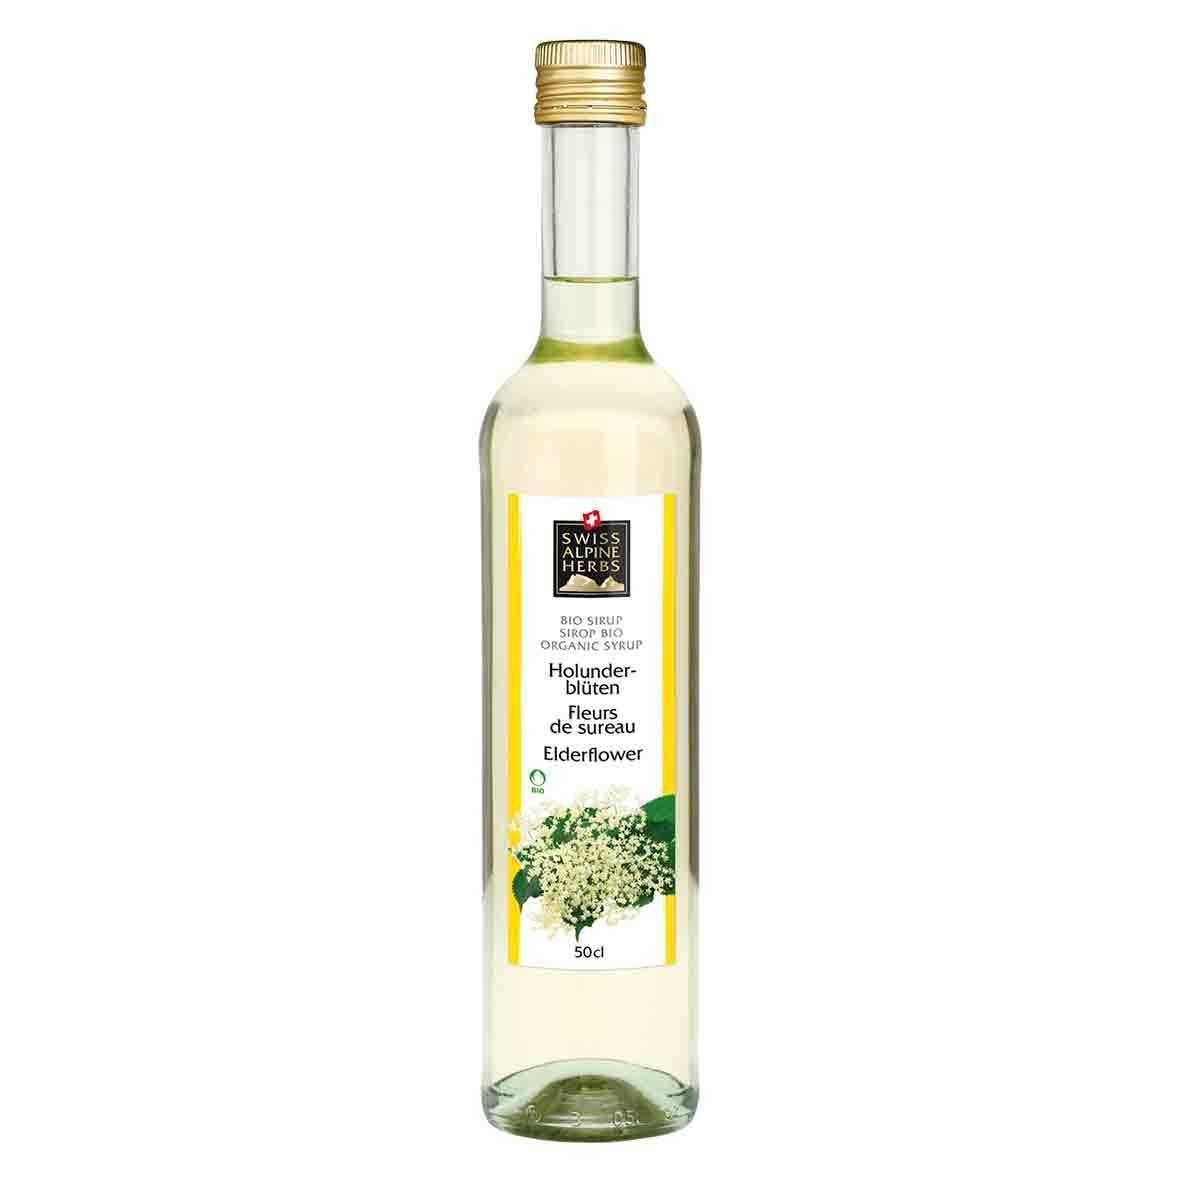 Bio-Sirup Holunderblüten, Swiss Alpine Herbs